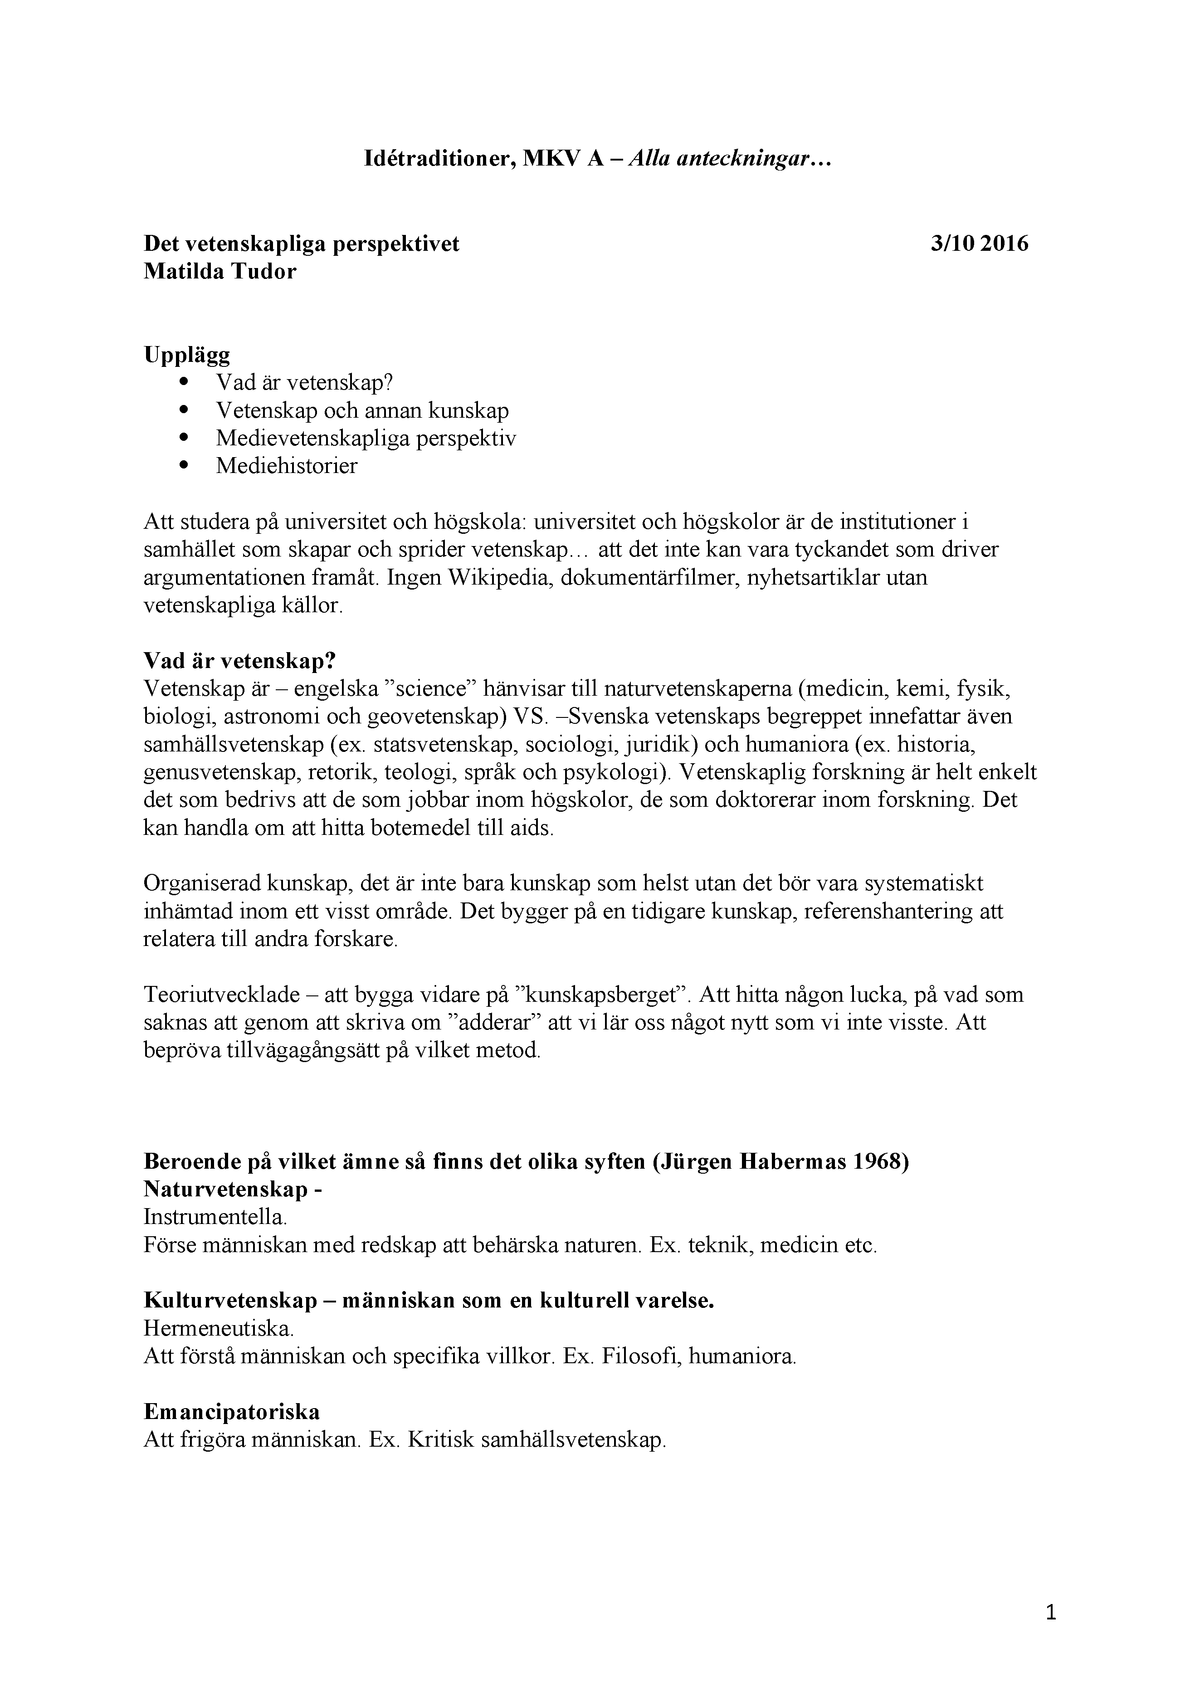 Sociologi forsknings dokument om dejting